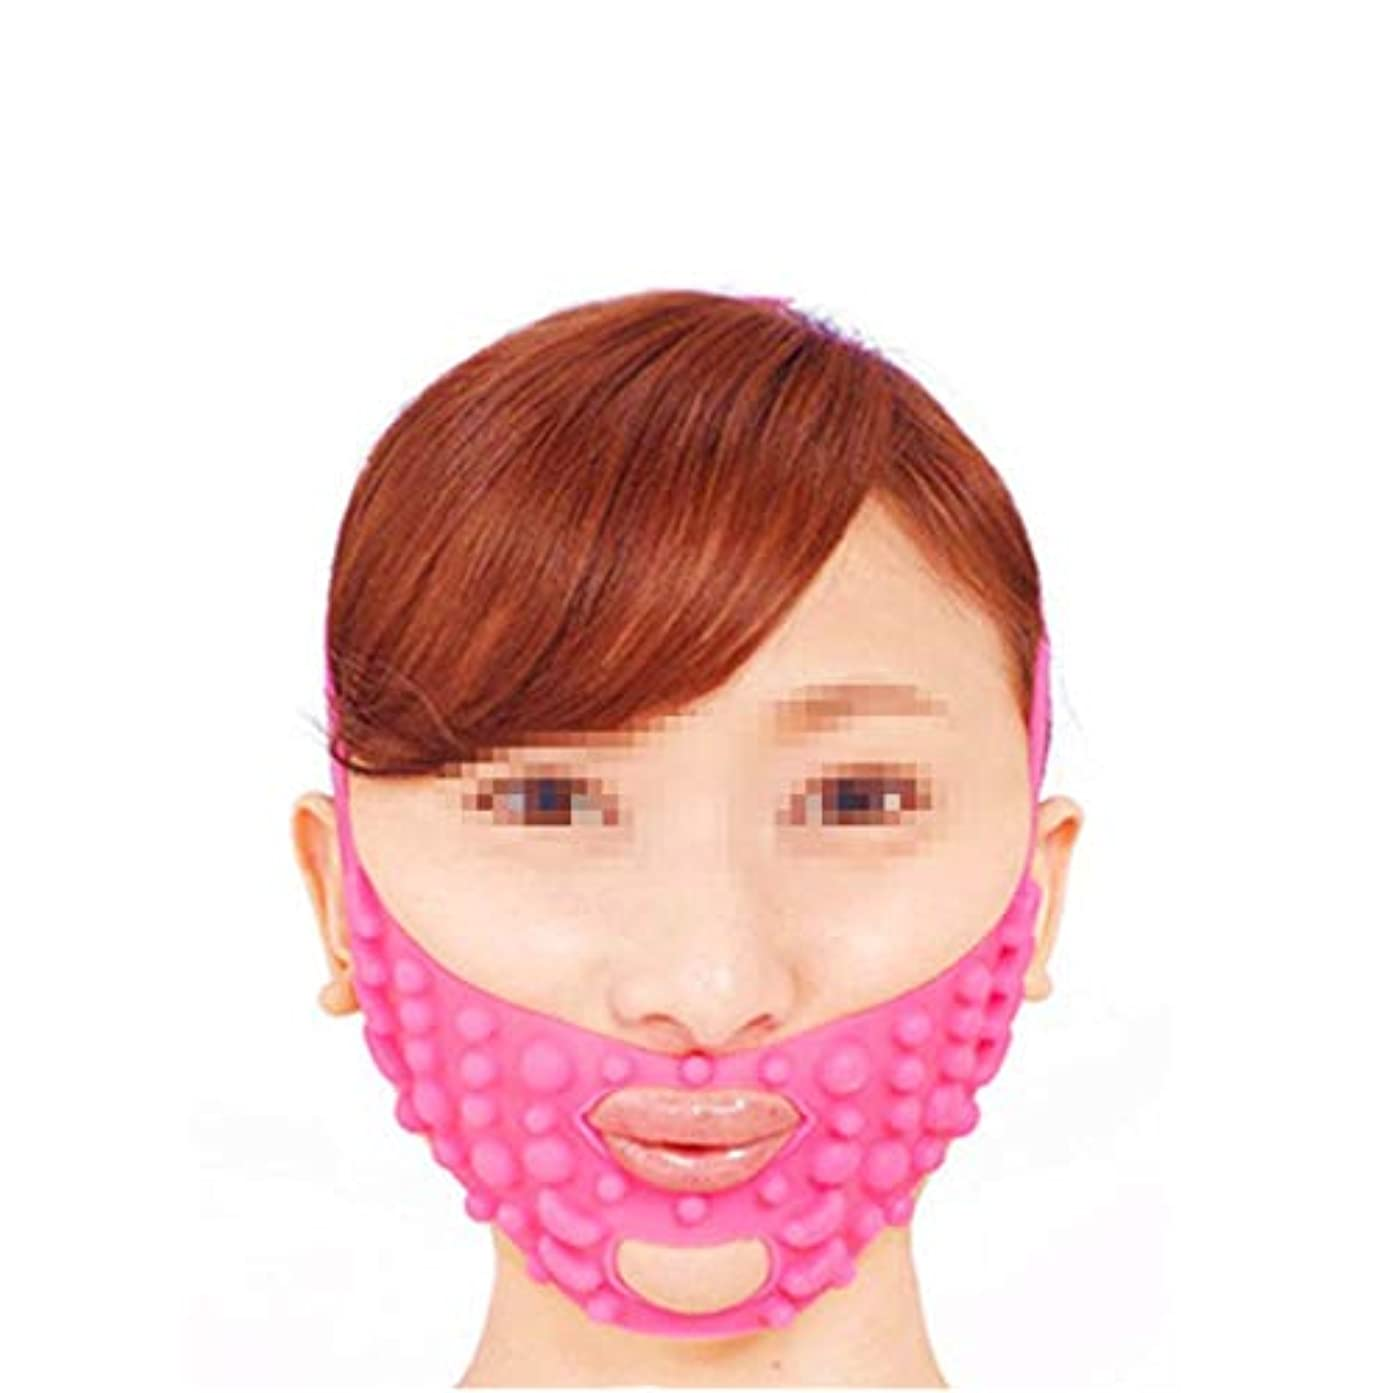 詳細な不調和水平シリコンマッサージフェイスマスク、きちんと形をした小さいVフェイスリフトをデコードパターンフェイスリフトバンデージピンク